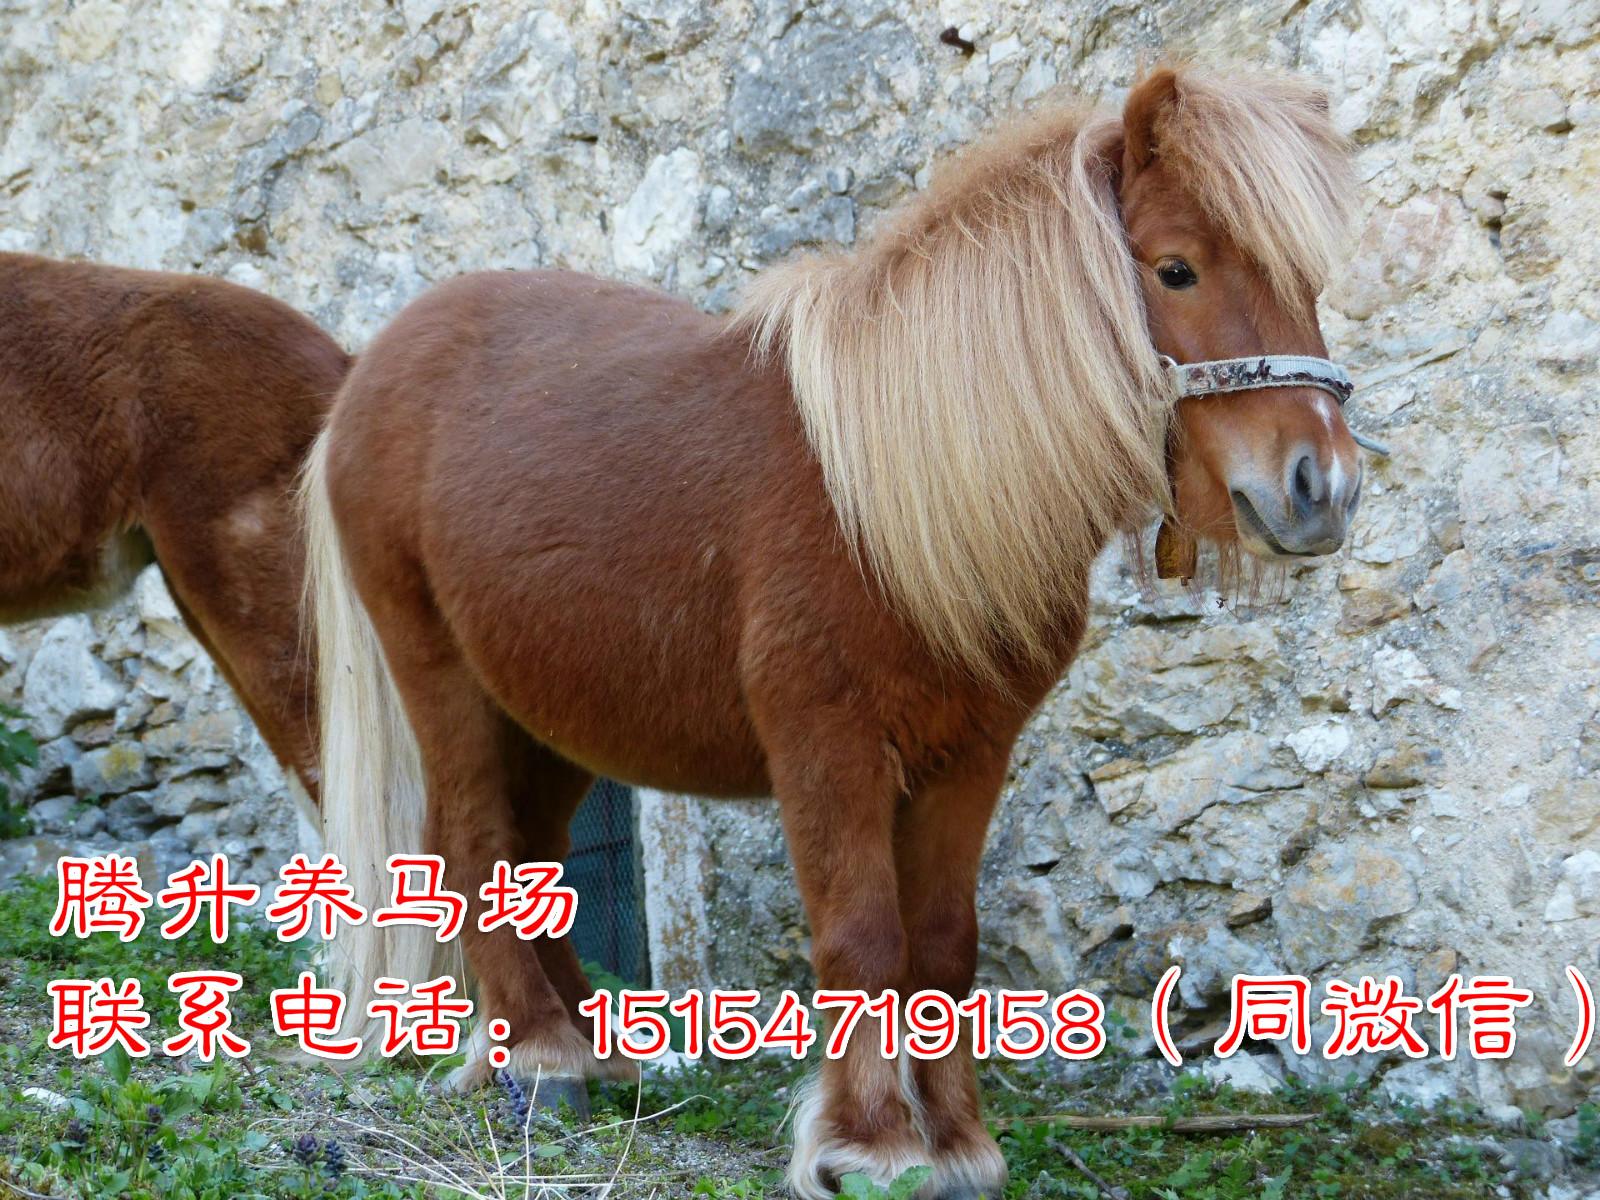 江苏扬州市肉马价格